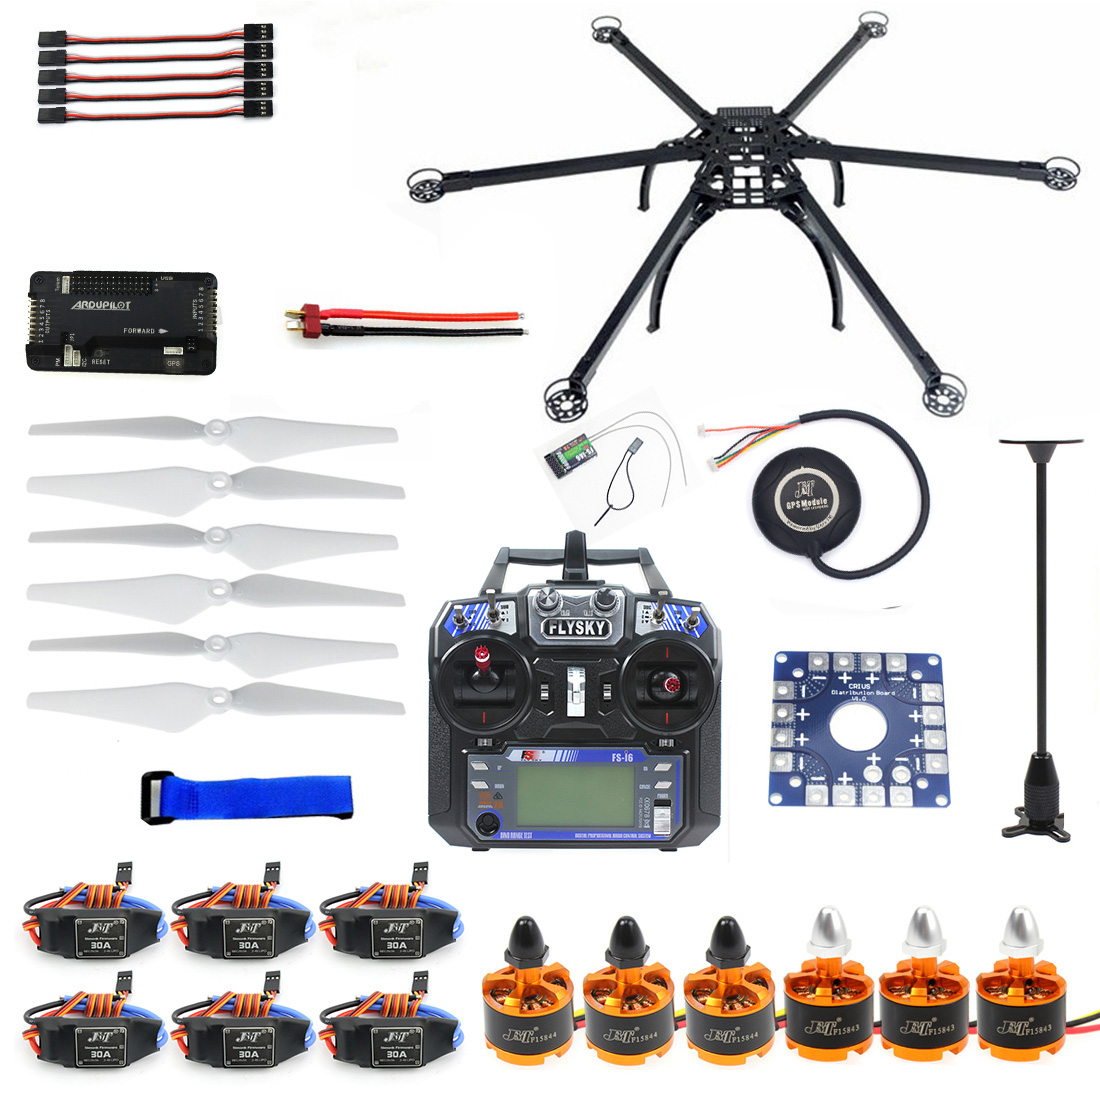 ستة المحور Hexacopter المفكك GPS Drone كيت مع Flysky FS i6 6CH 2.4 جرام TX و RX APM 2.8 Multicopter وحدة تحكم في الطيران F10513 F-في طائرات هليوكوبترتعمل بالتحكم عن بعد من الألعاب والهوايات على  مجموعة 1